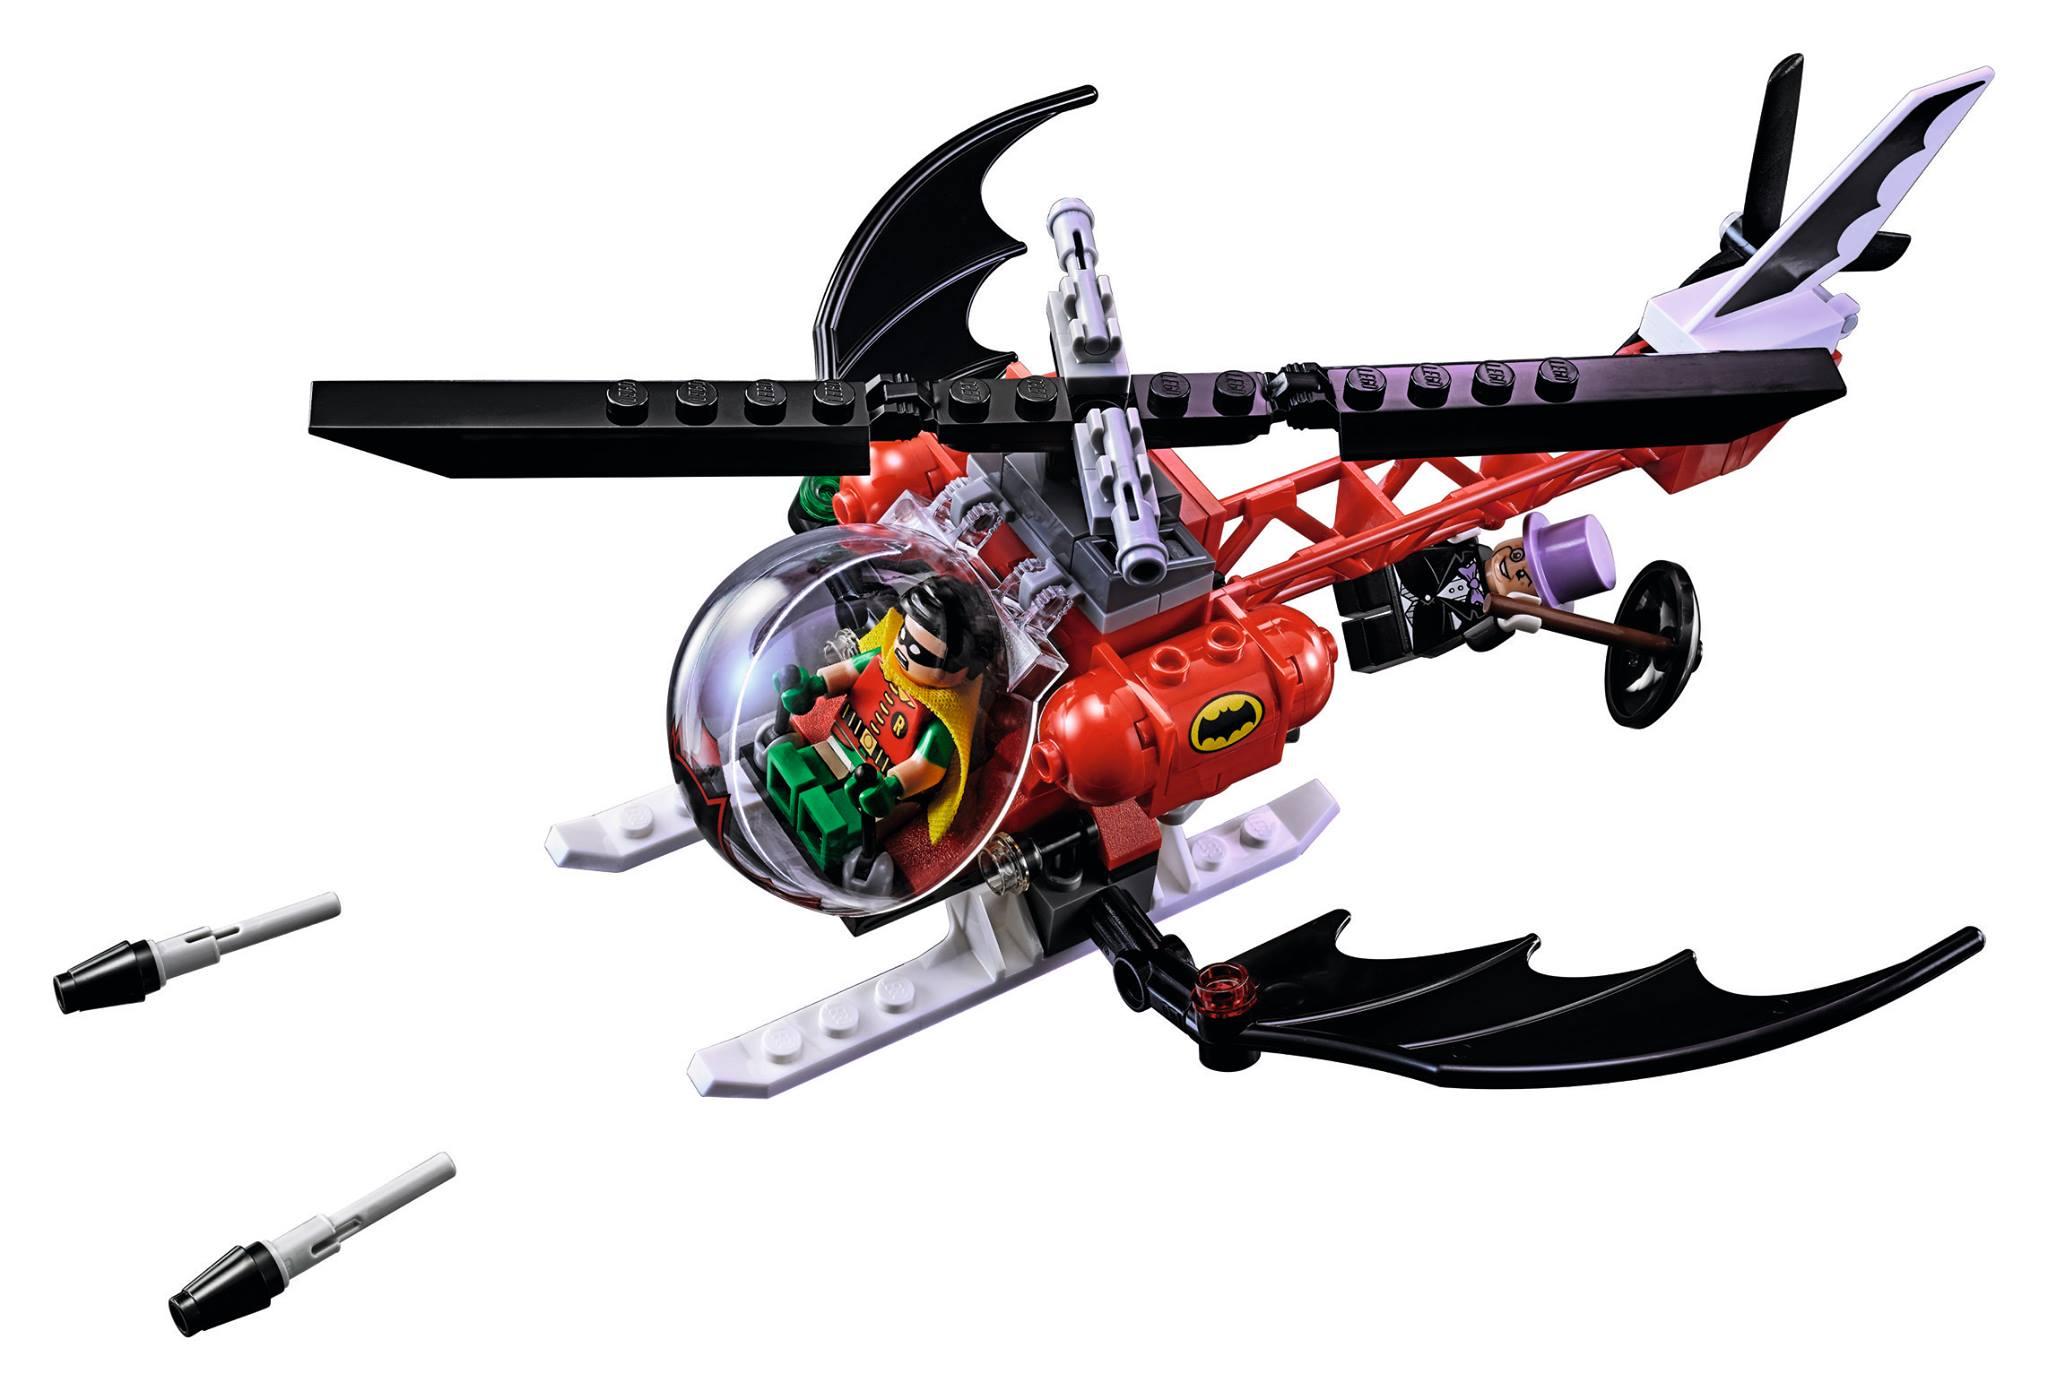 76052 Bat Copter